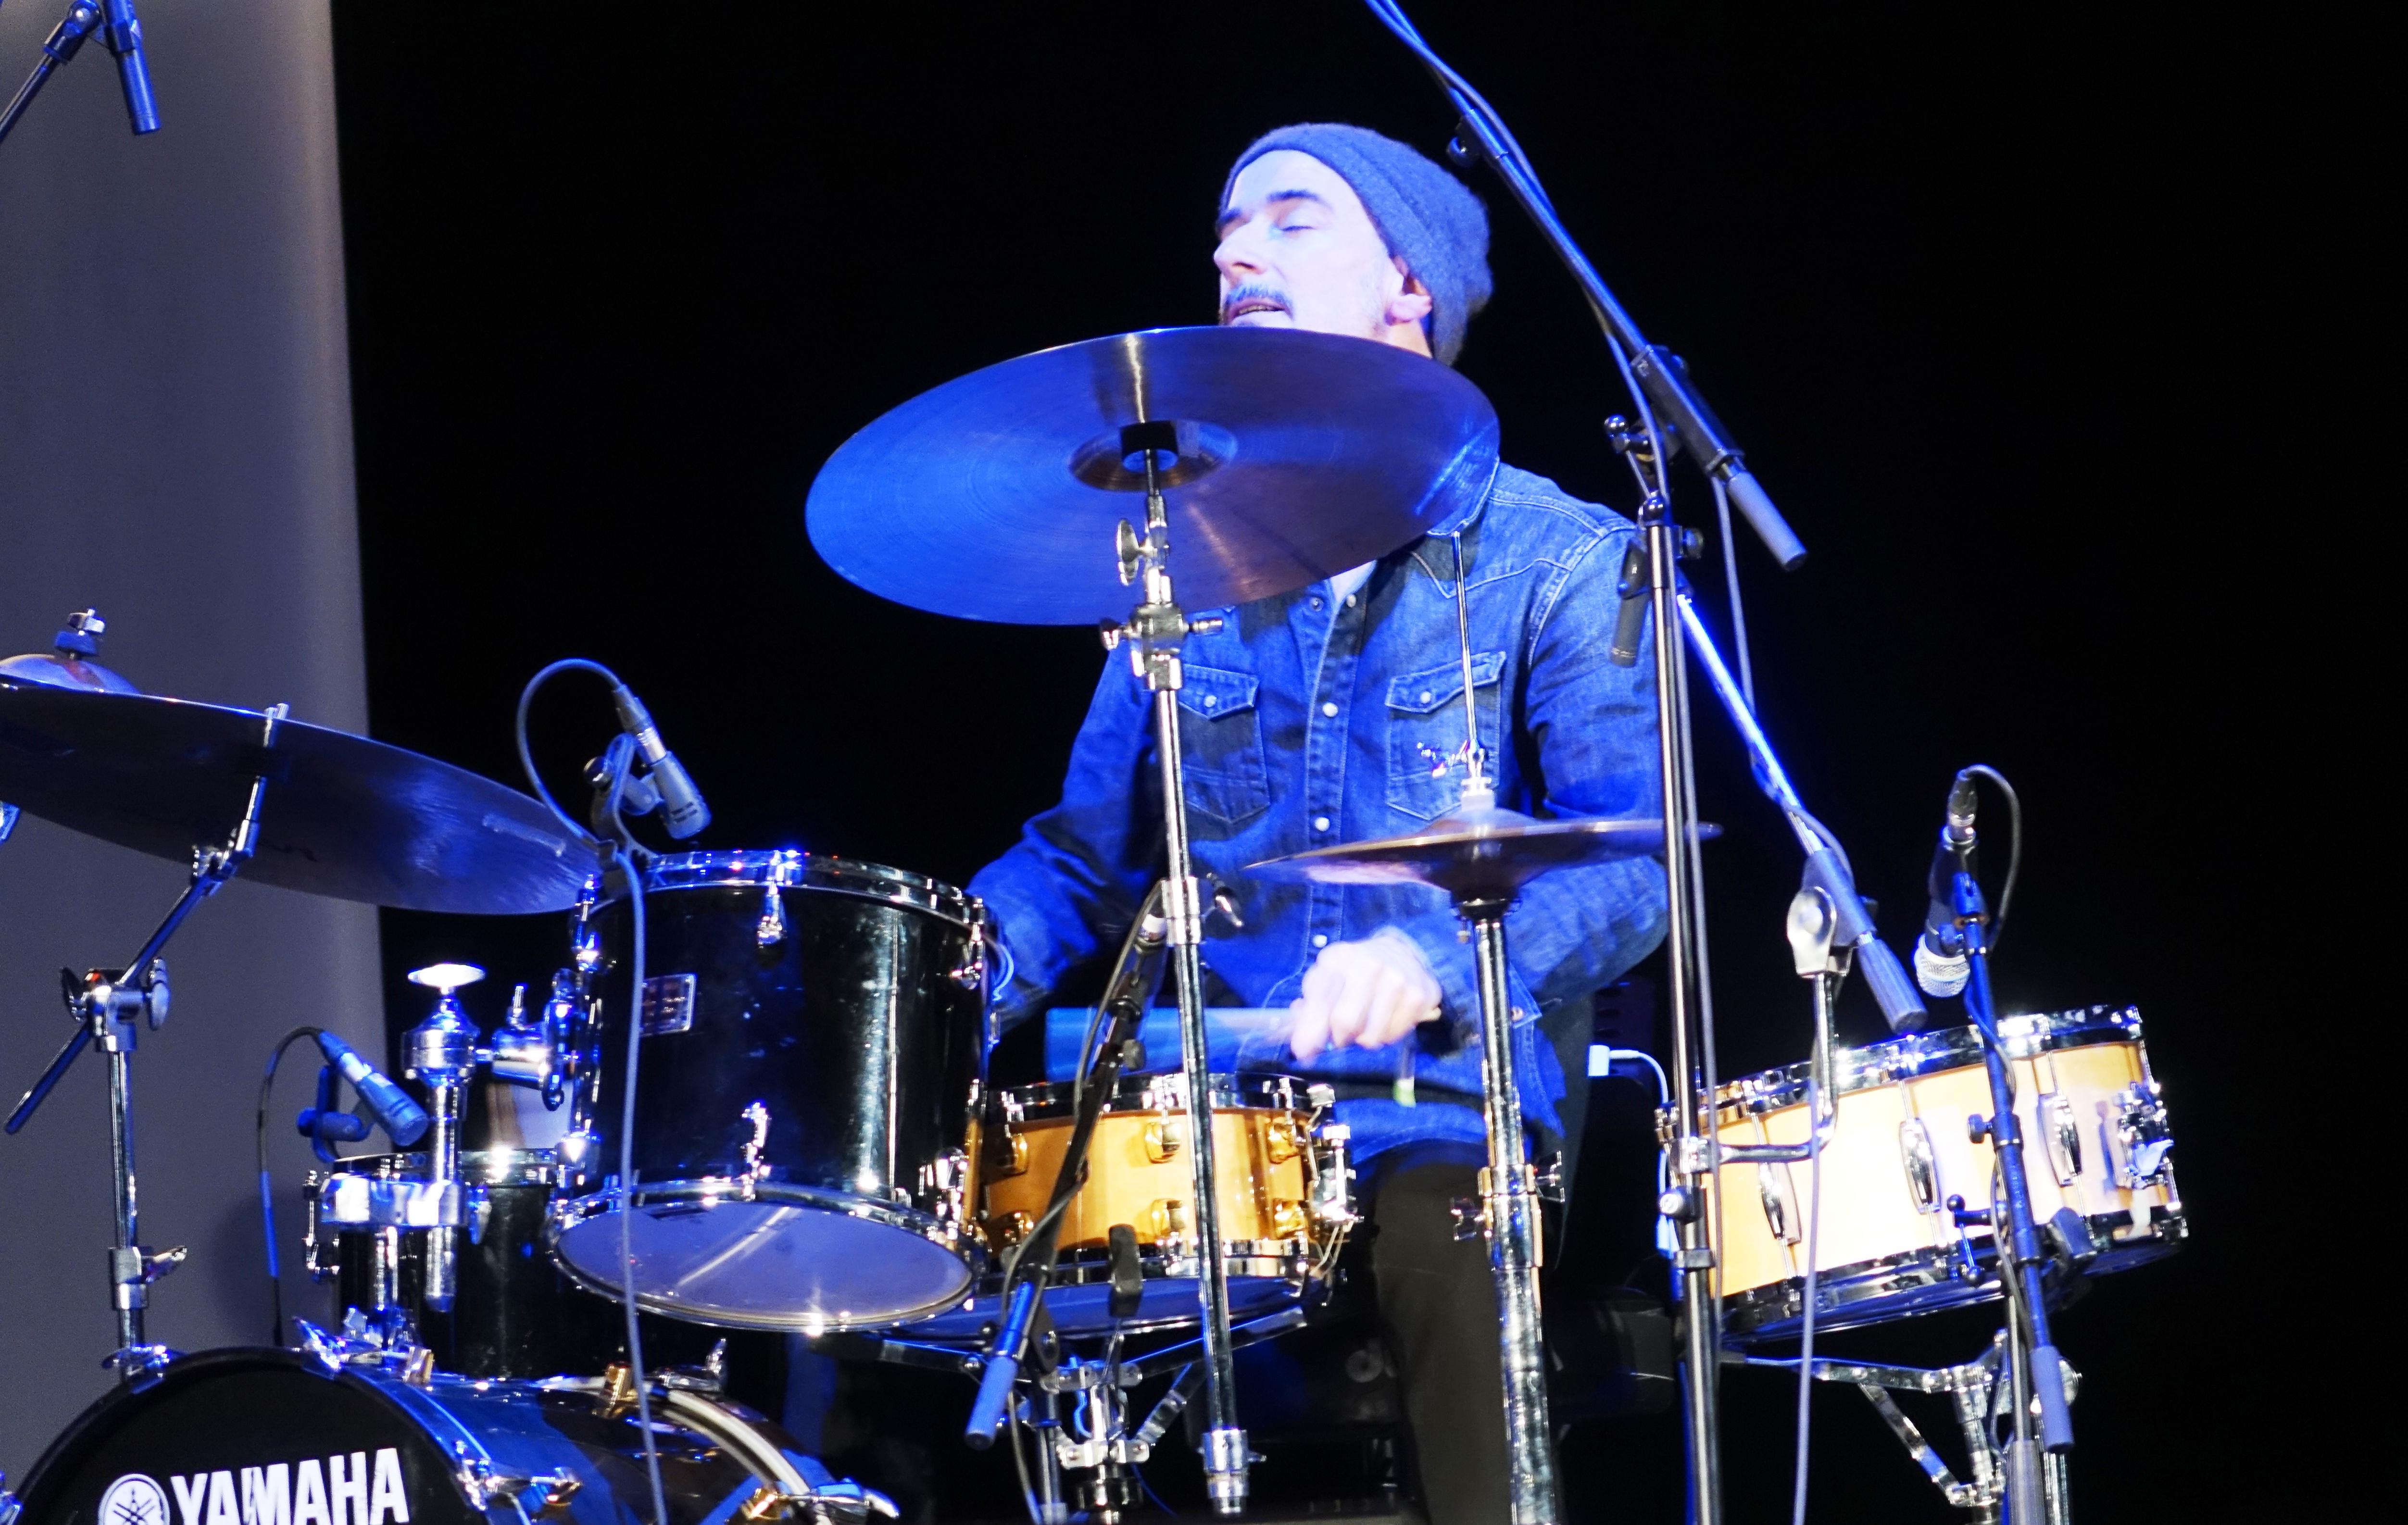 Evan Jenkins at the Vilnius Mama Jazz Festival in November 2017